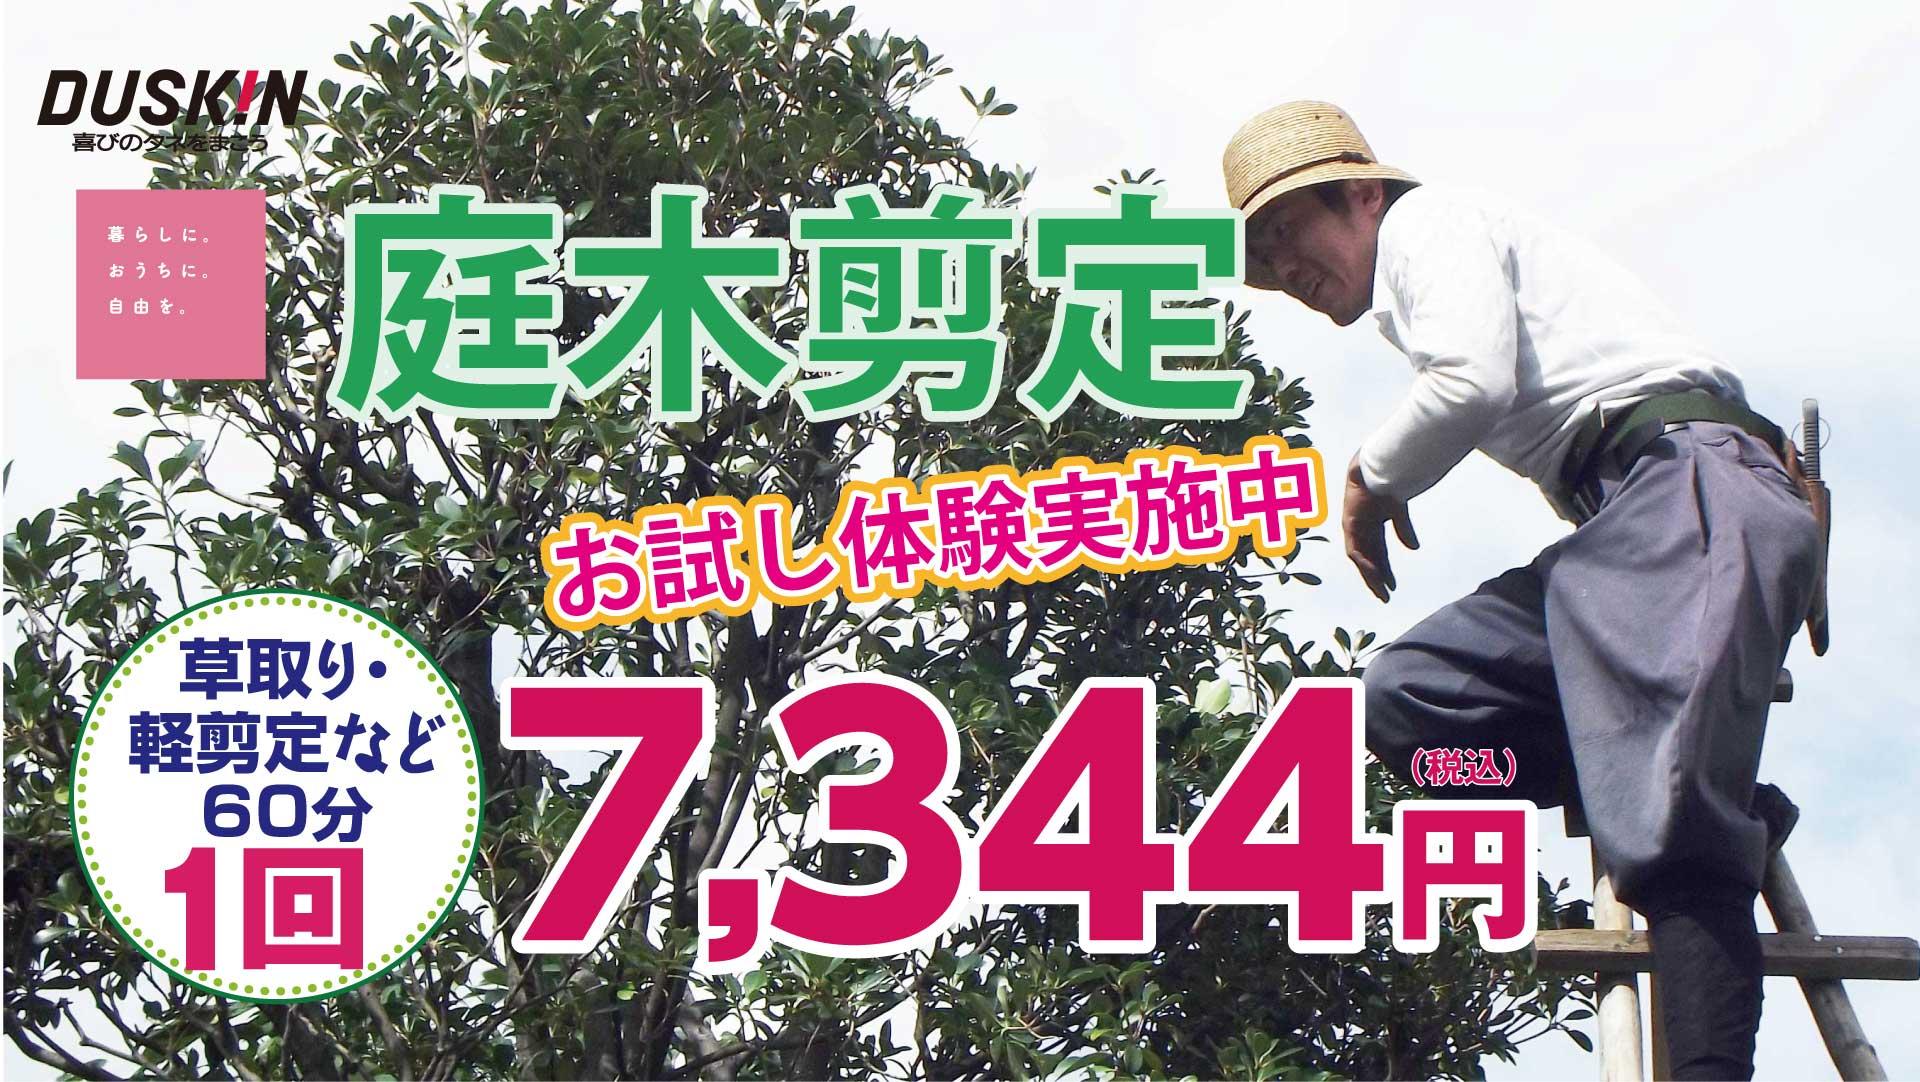 伸びすぎた庭木・大きくなりすぎた木の剪定は、ダスキン高畑トータルグリーンへ 名古屋市全域対応します。